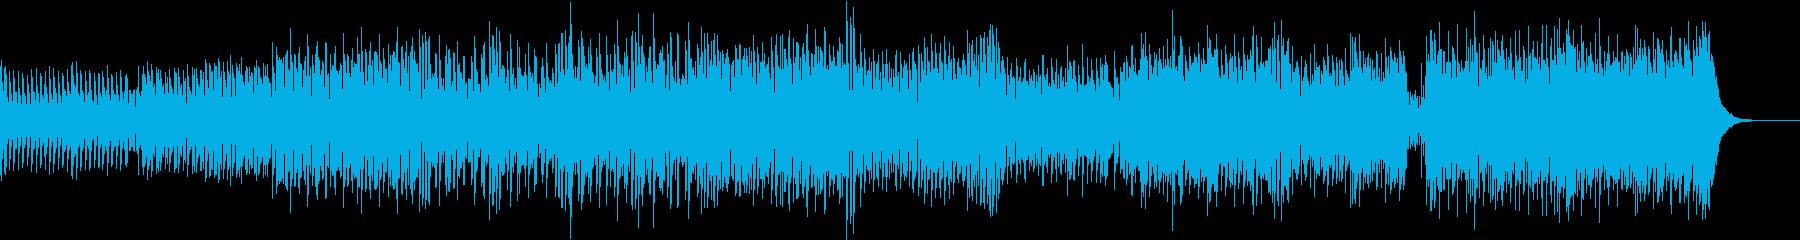 人型アンドロイドイメージのテクノポップの再生済みの波形